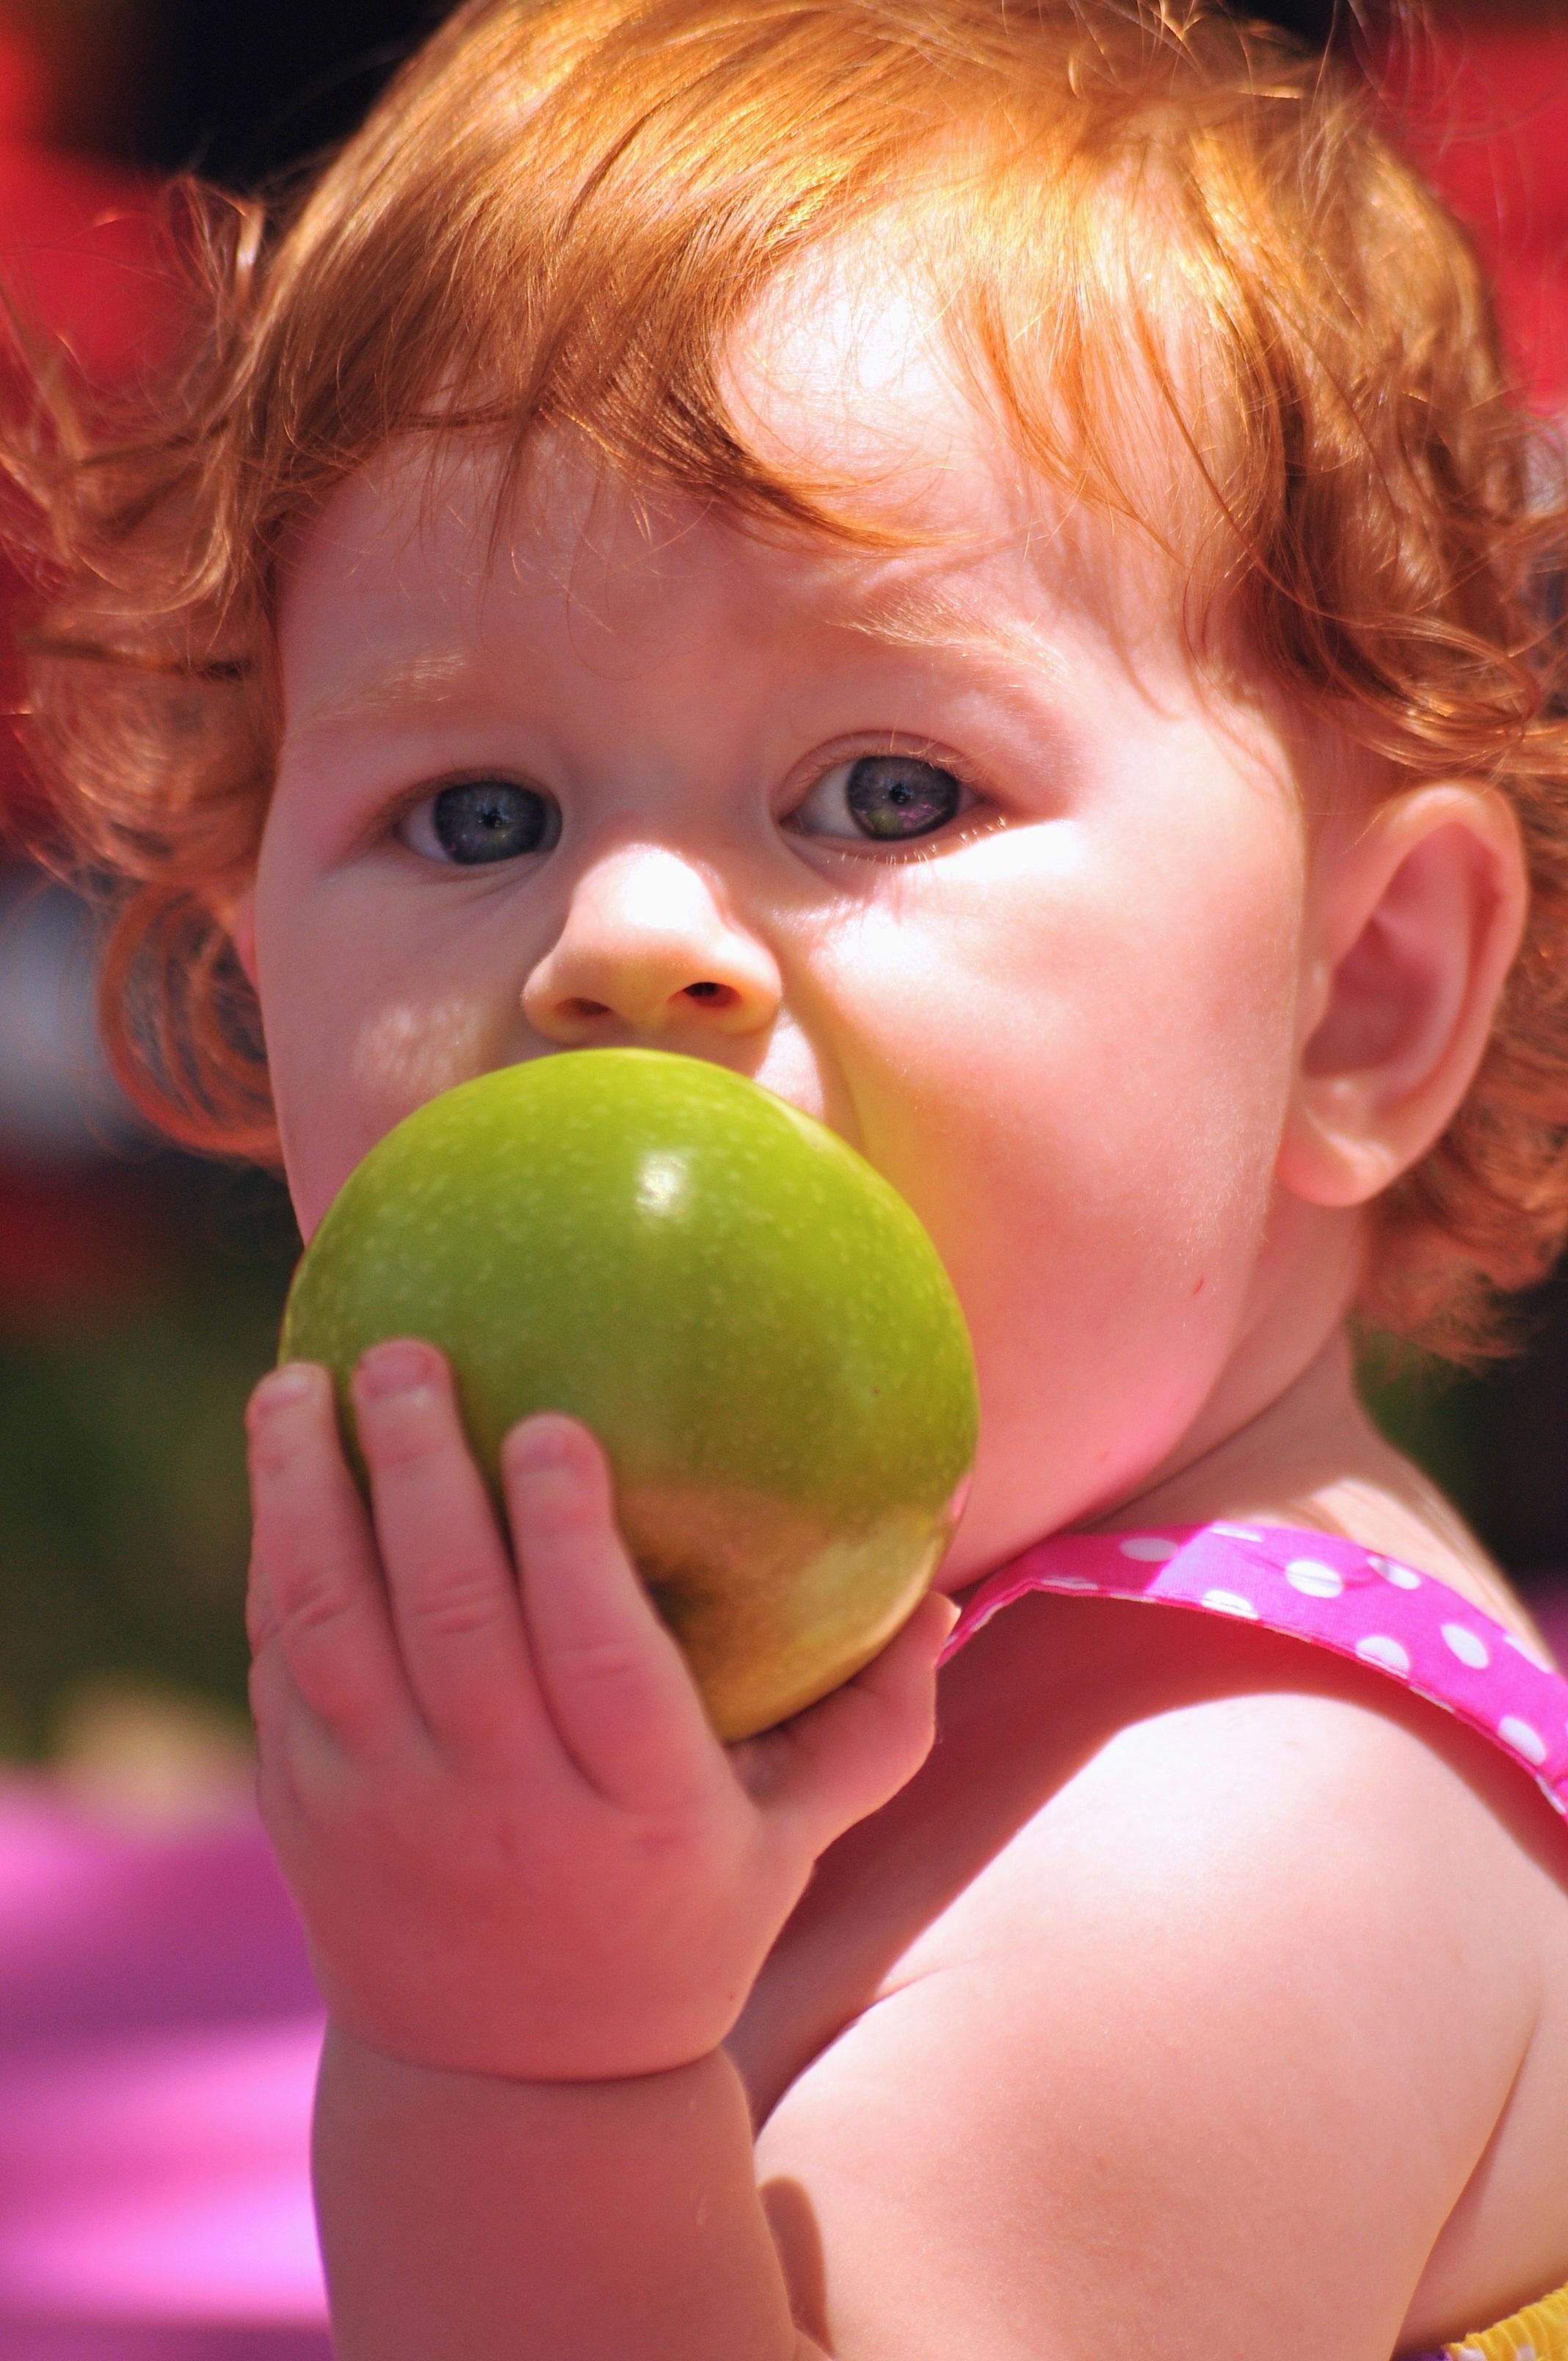 Images Gratuites : main, Pomme, la nature, la personne, fille, cheveux, fruit, été, aliments, vert, rouge, produire, Couleur, Frais, enfant, rose, ...